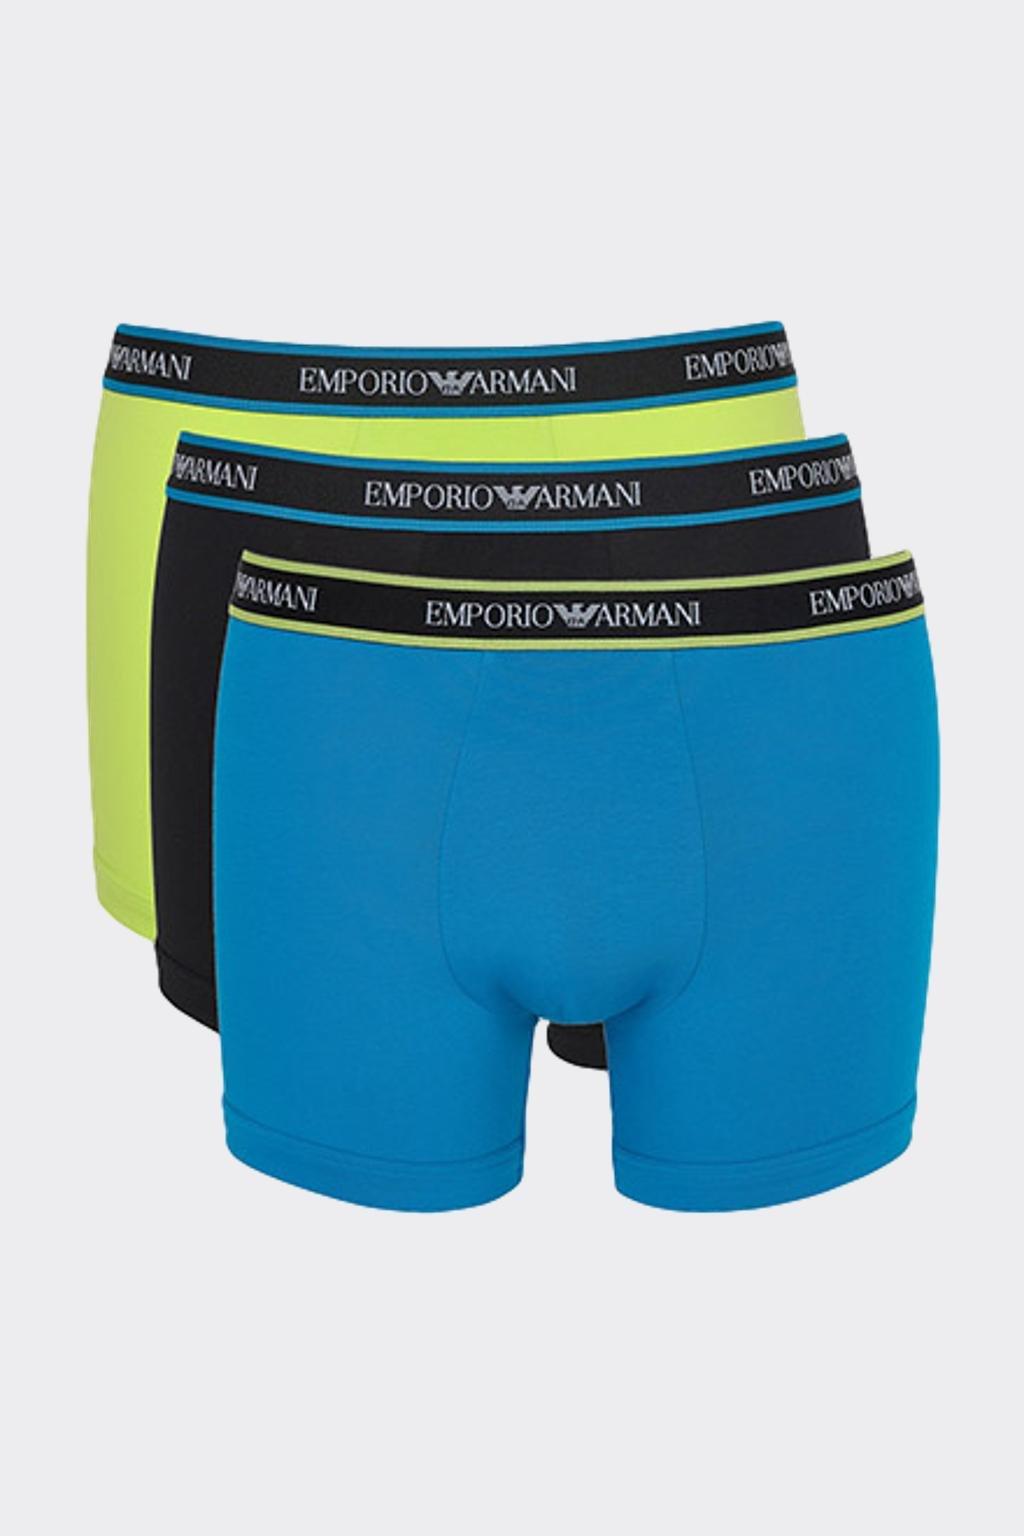 Emporio Armani logo boxerky 3-balení - tmavě modrá